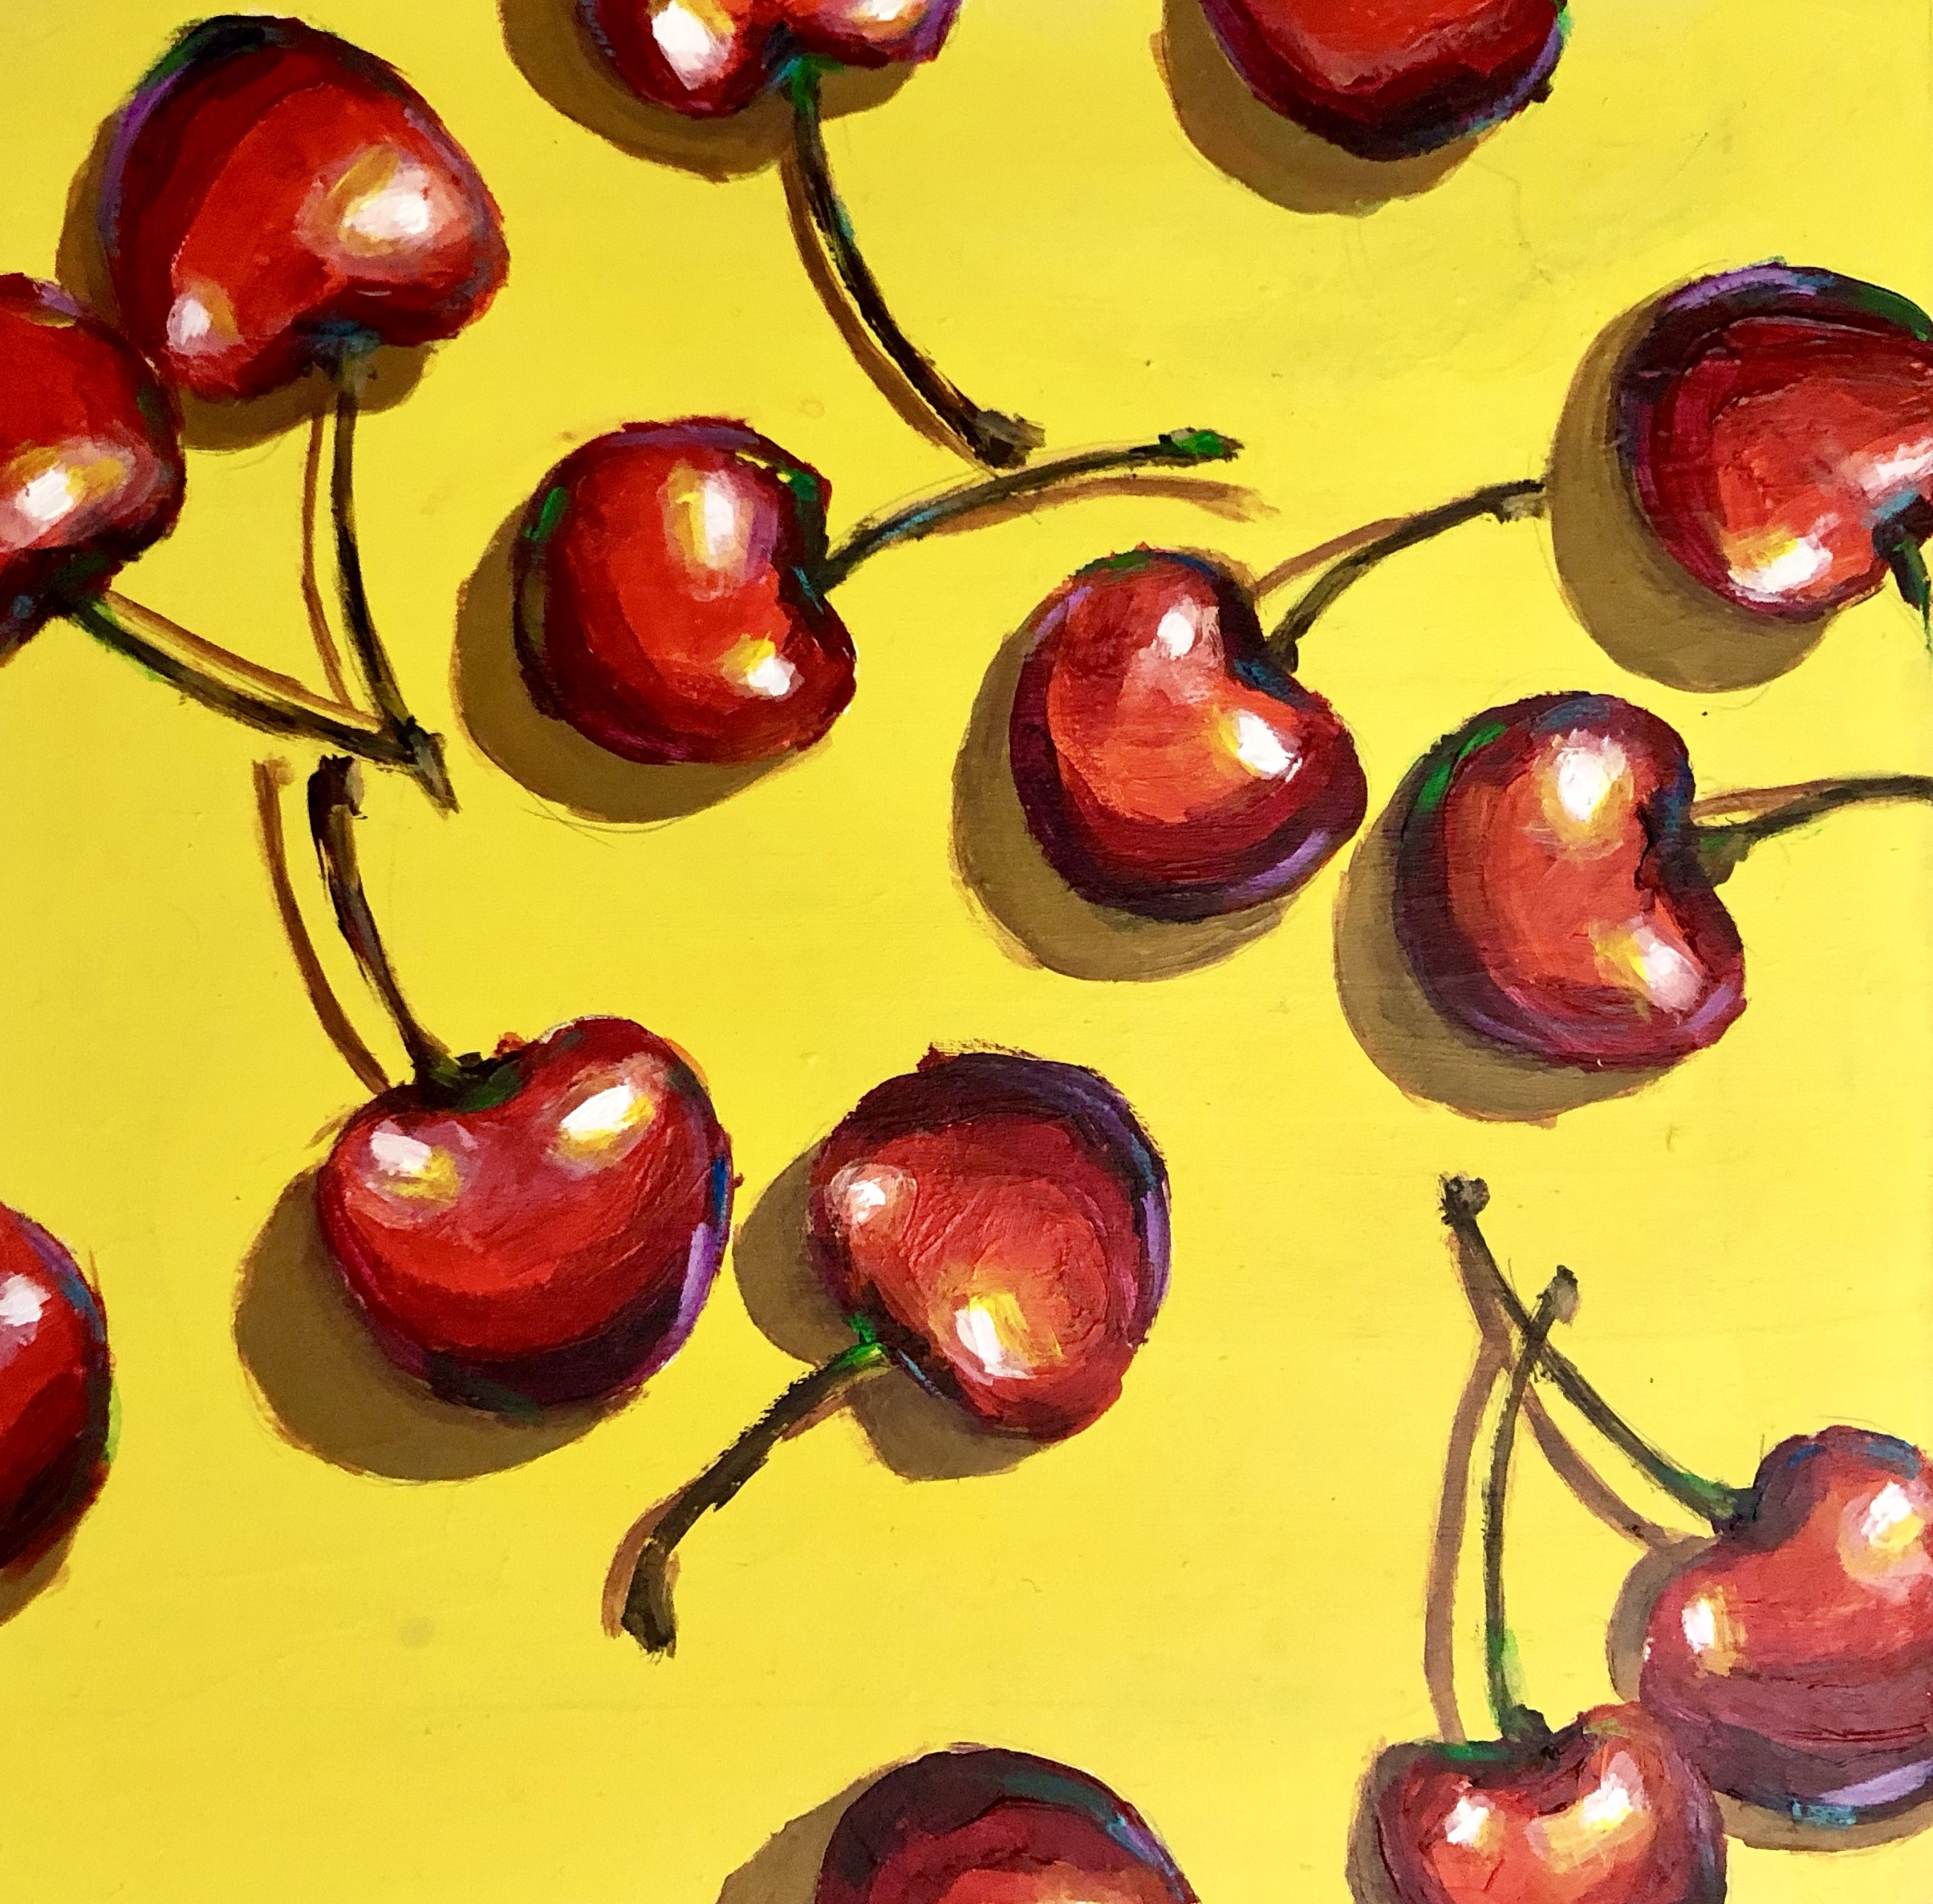 Cherries_12X12_acrylic_nimisha_299$